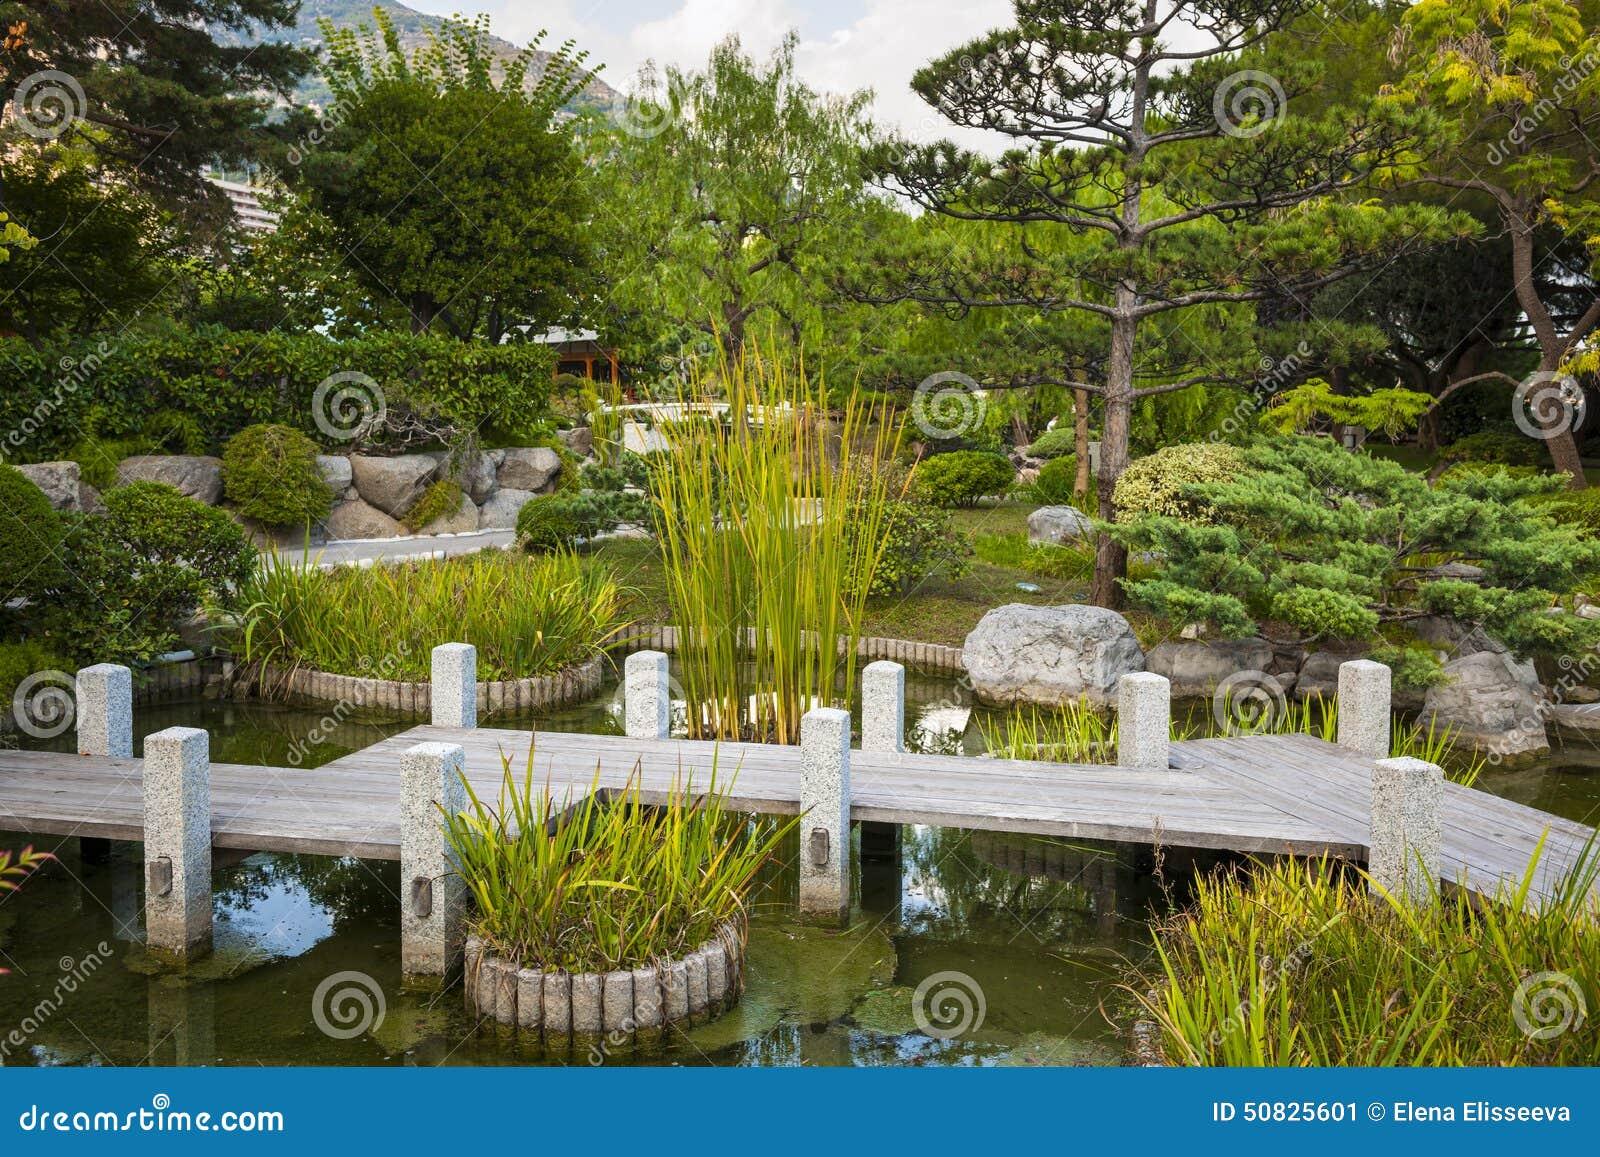 Japanese Garden In Monte Carlo Editorial Photo